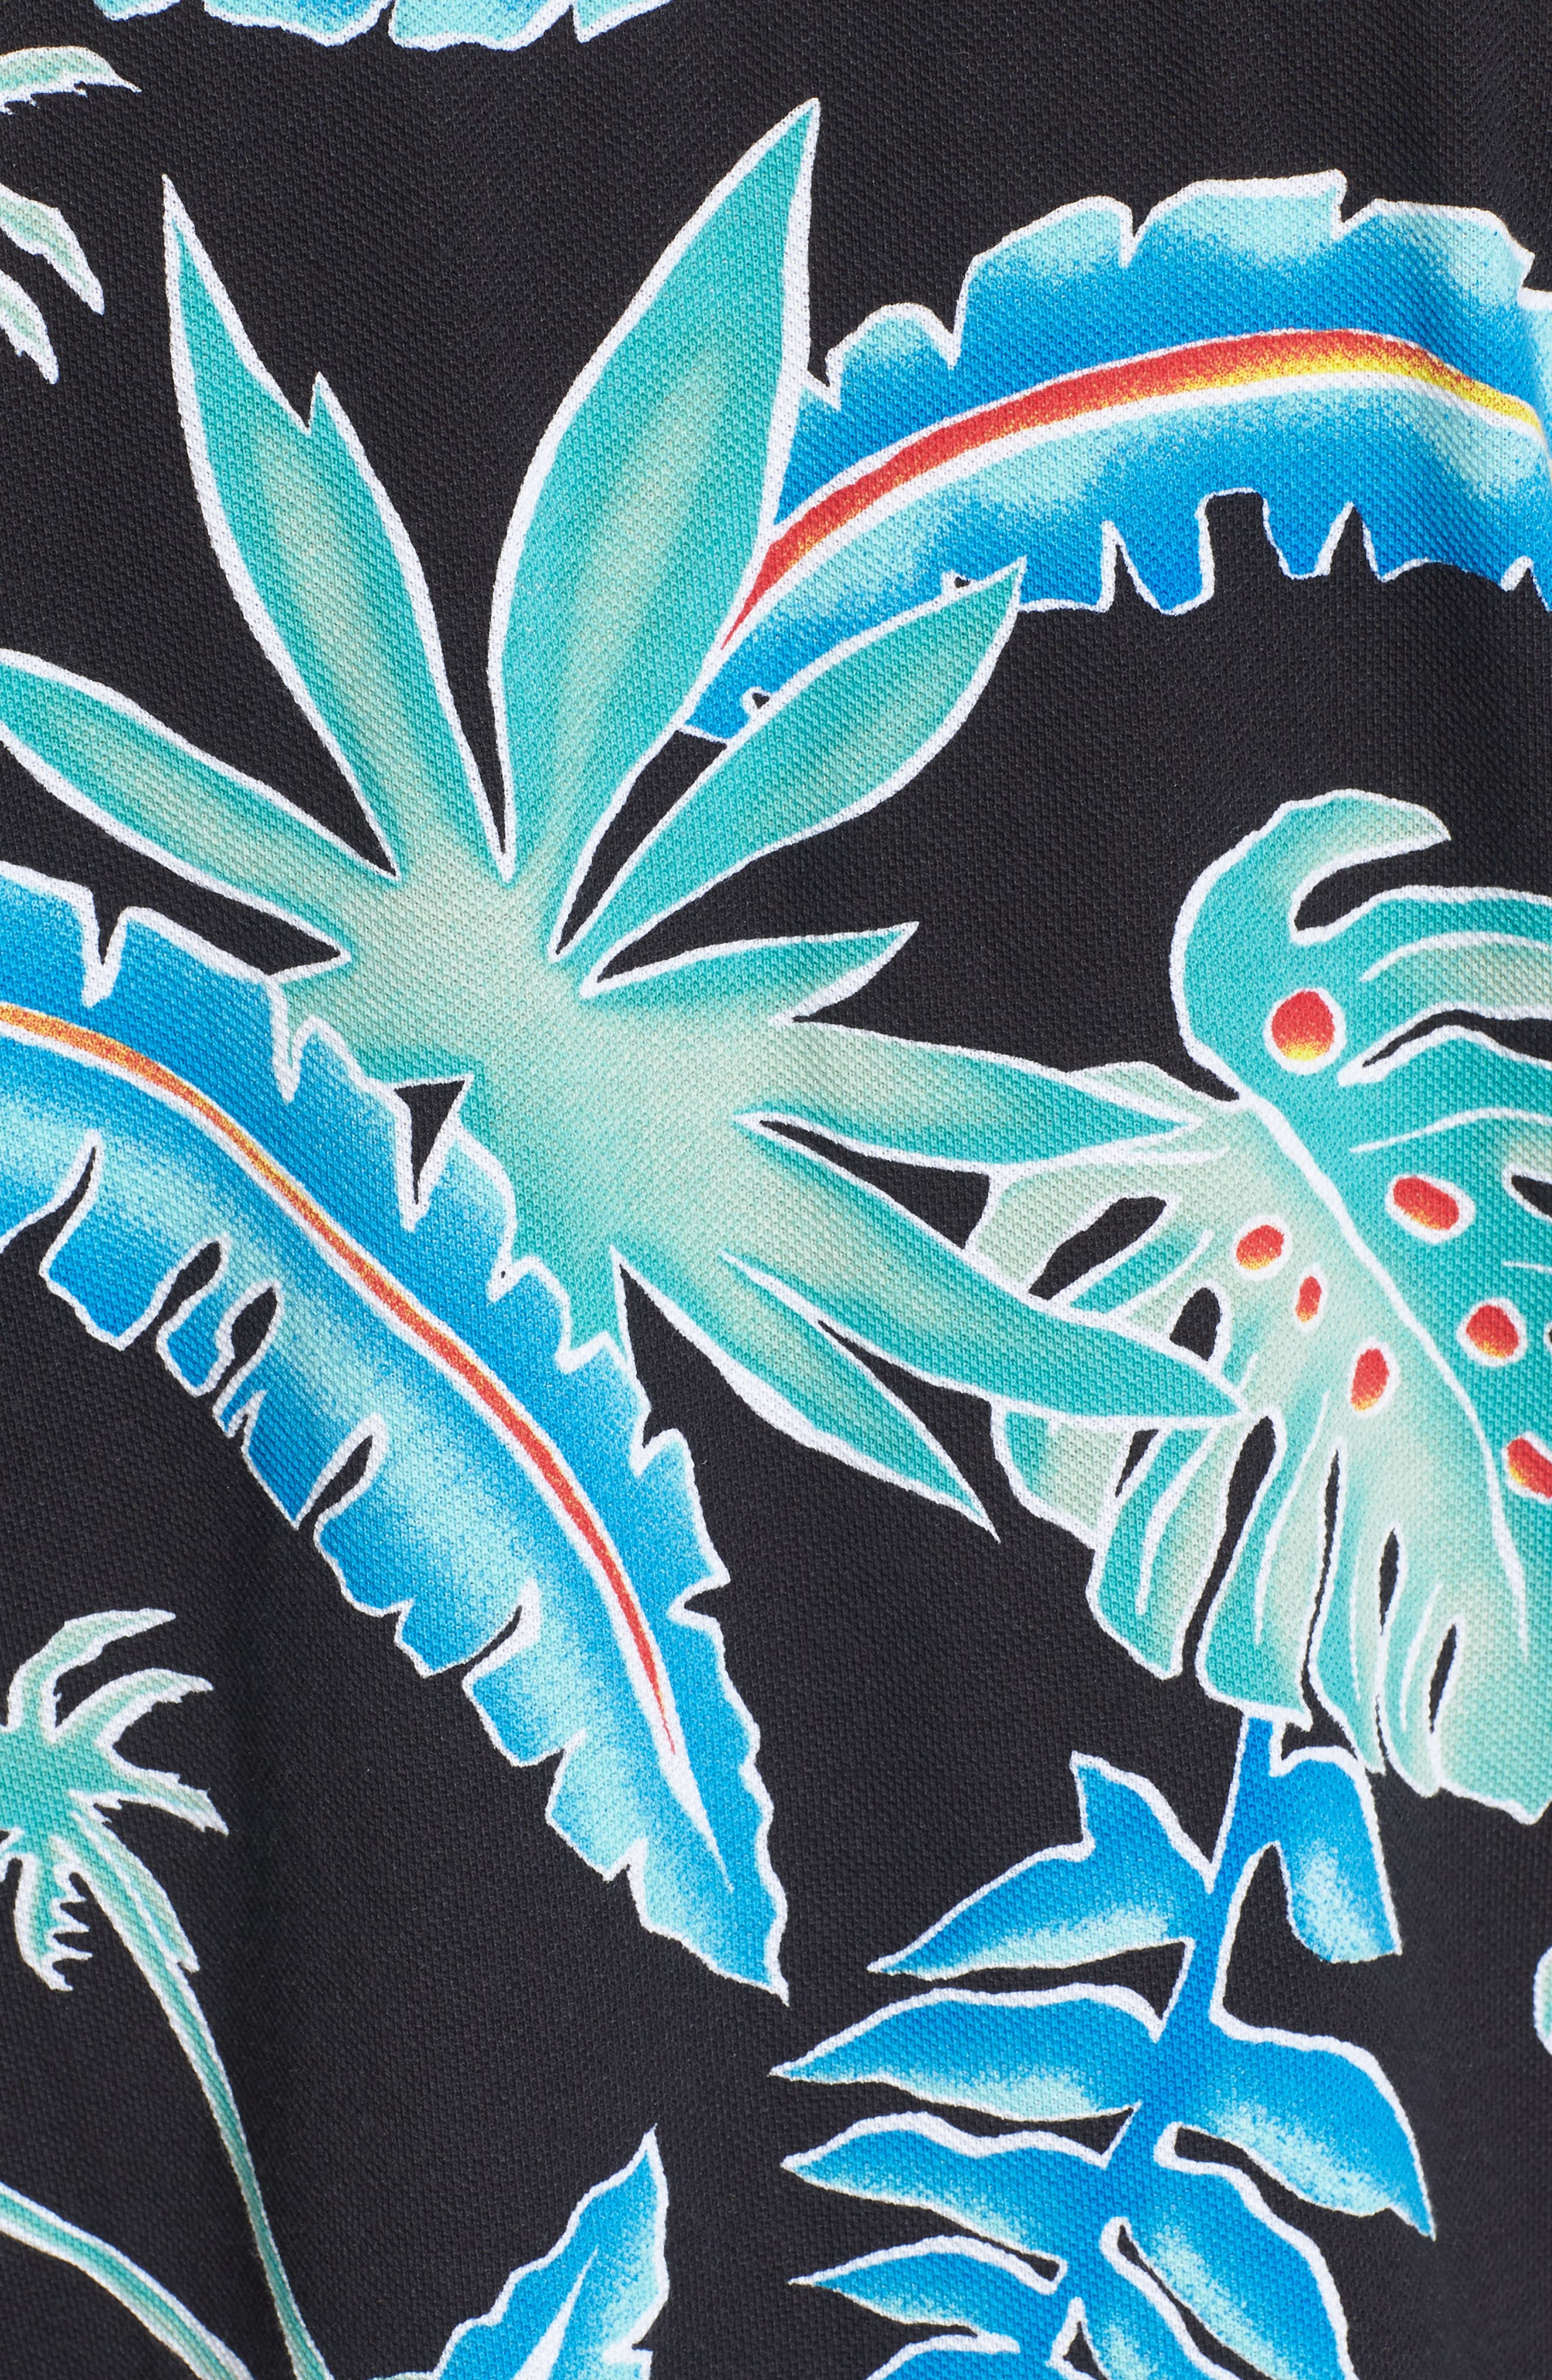 Pit Stop Polo,                             Alternate thumbnail 5, color,                             Black Pit Stop Floral